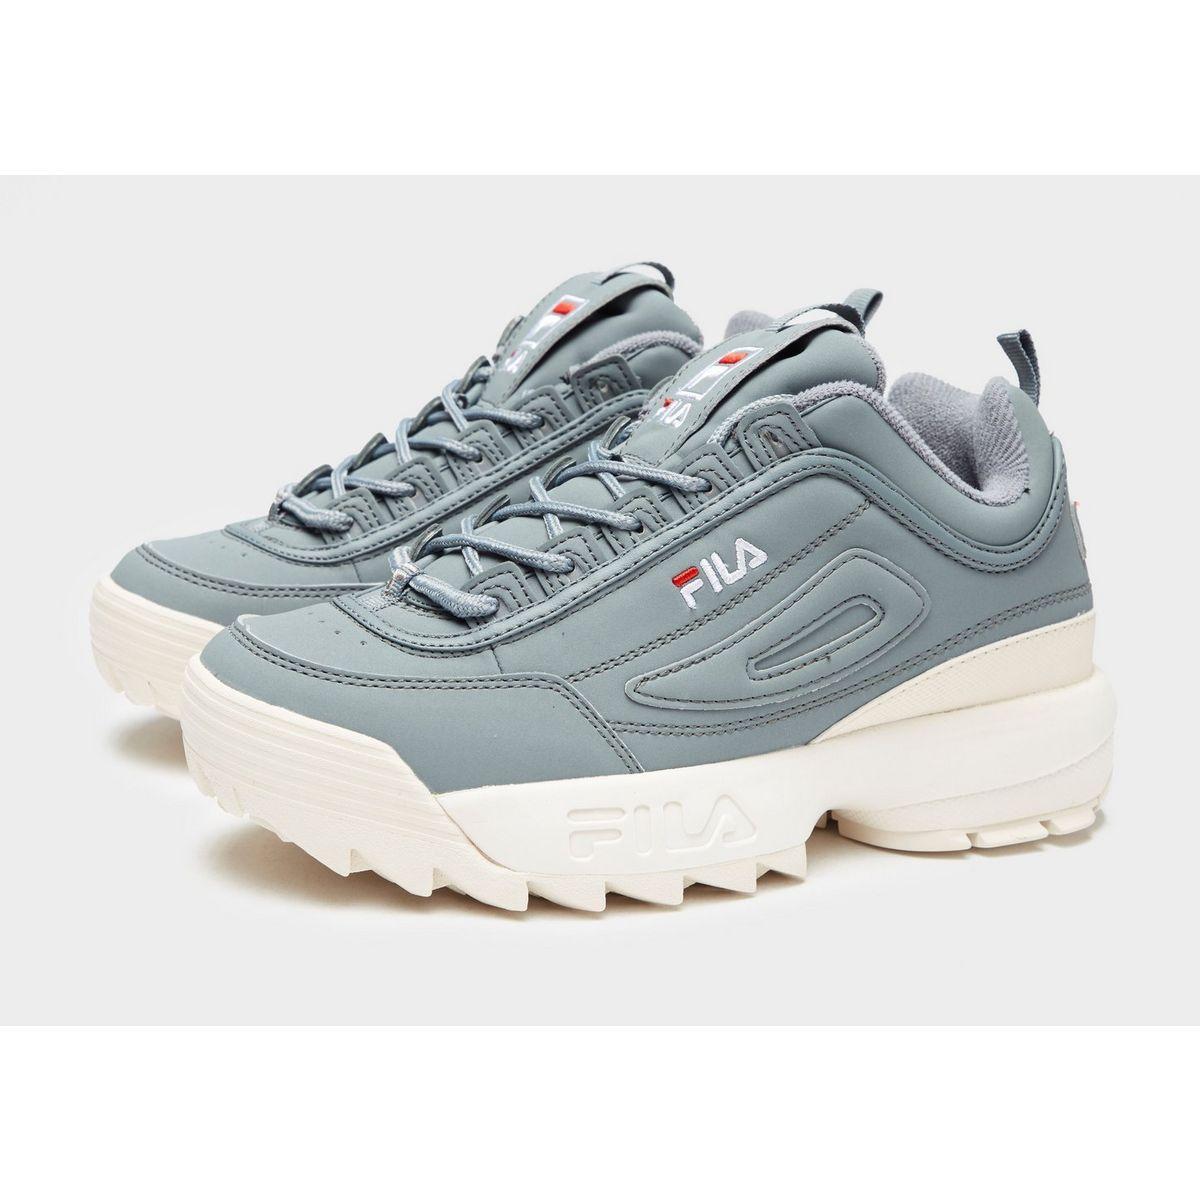 Fila Disruptor II Dames | Shoes in 2019 Schoenen, Kleding